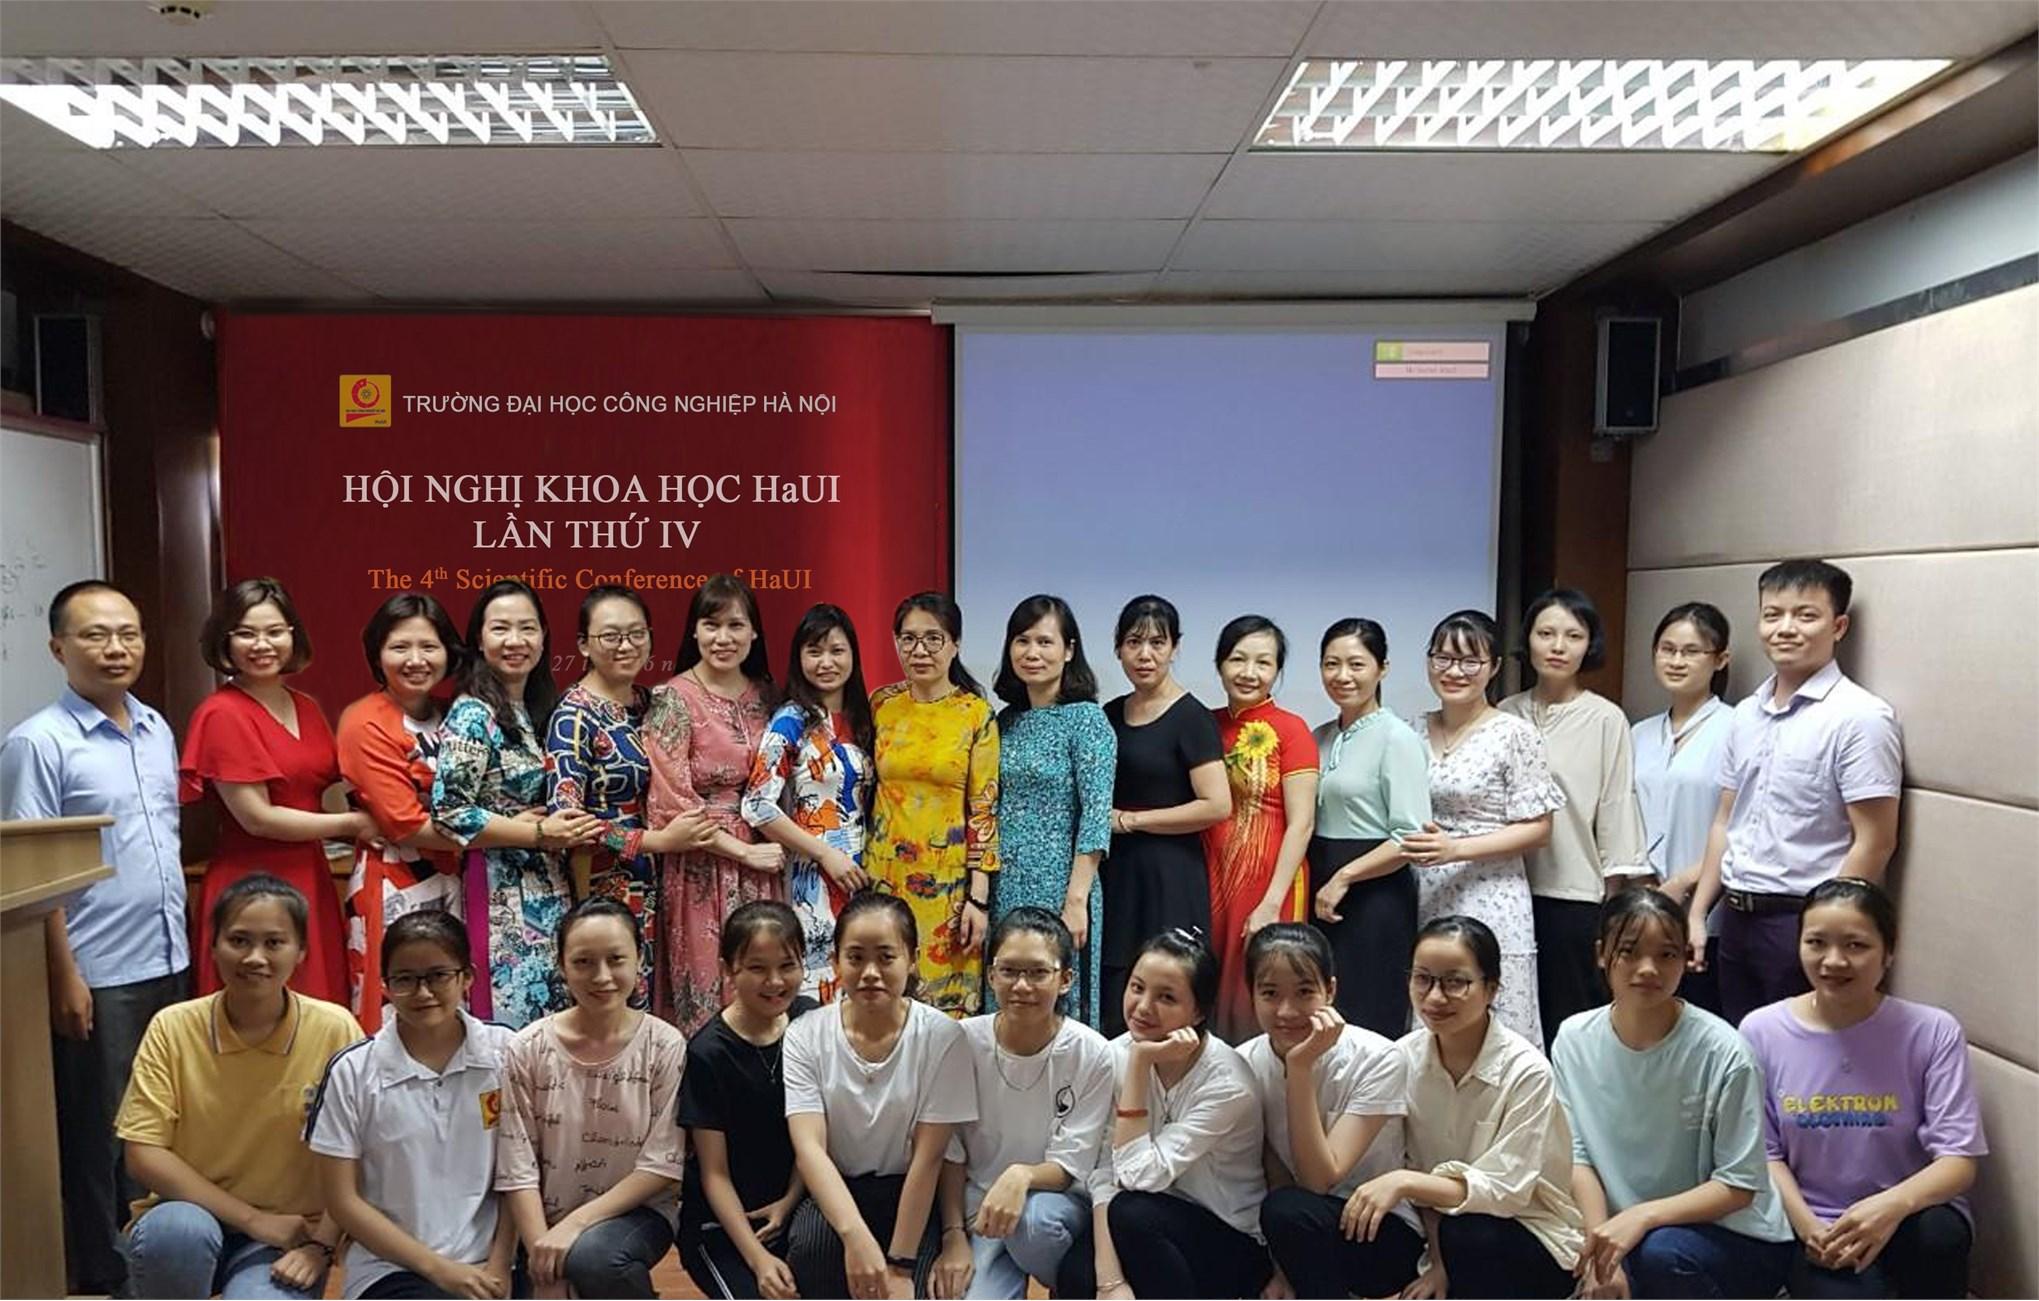 Hội nghị khoa học HaUI lần thứ IV, Ban Công nghệ dệt, may và thiết kế thời trang